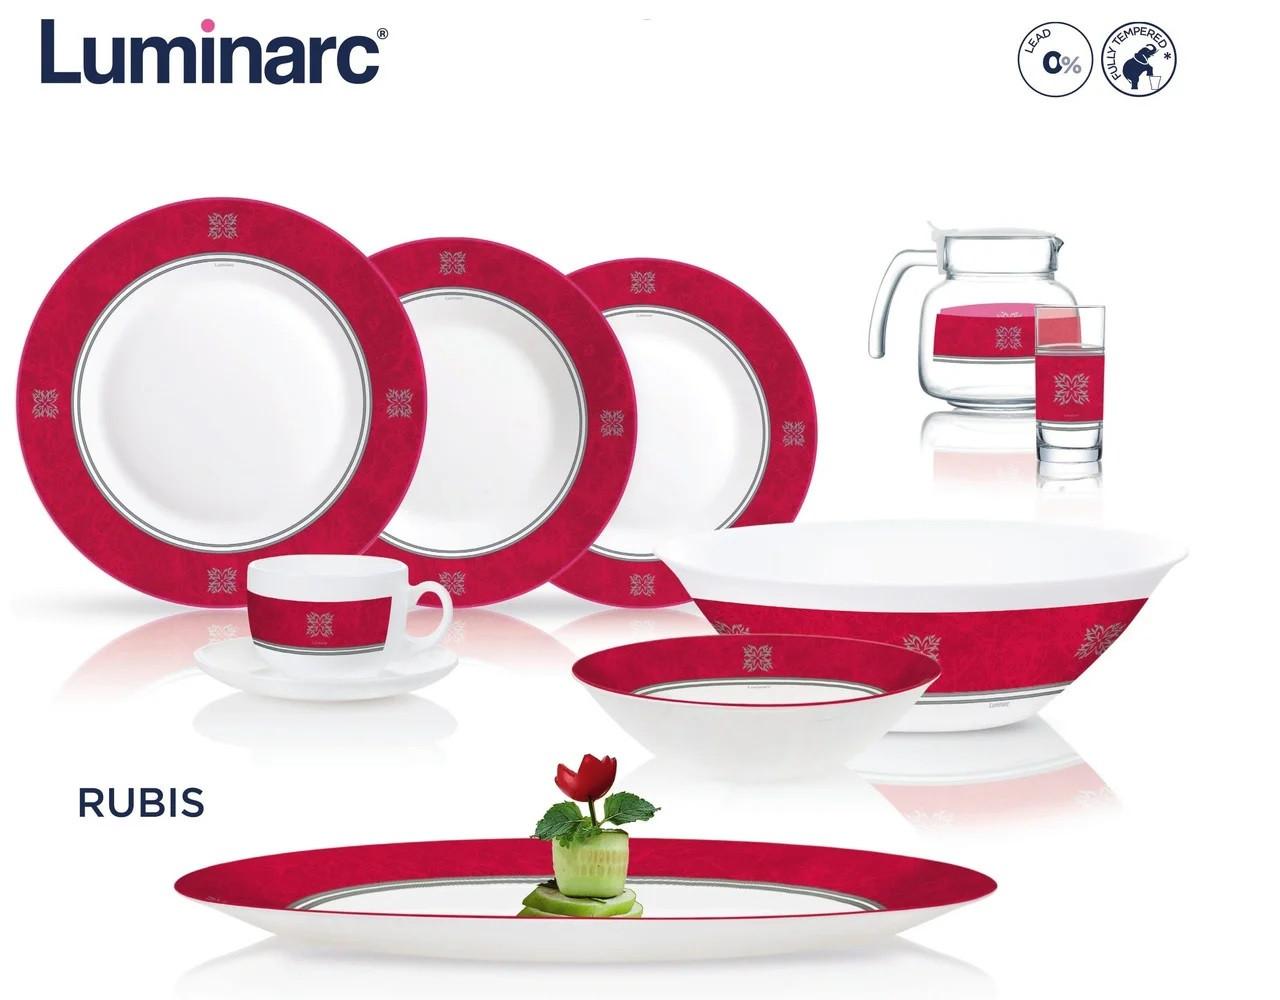 Столовый сервиз Luminarc Essense Rubis 46 предметов на 6 персон